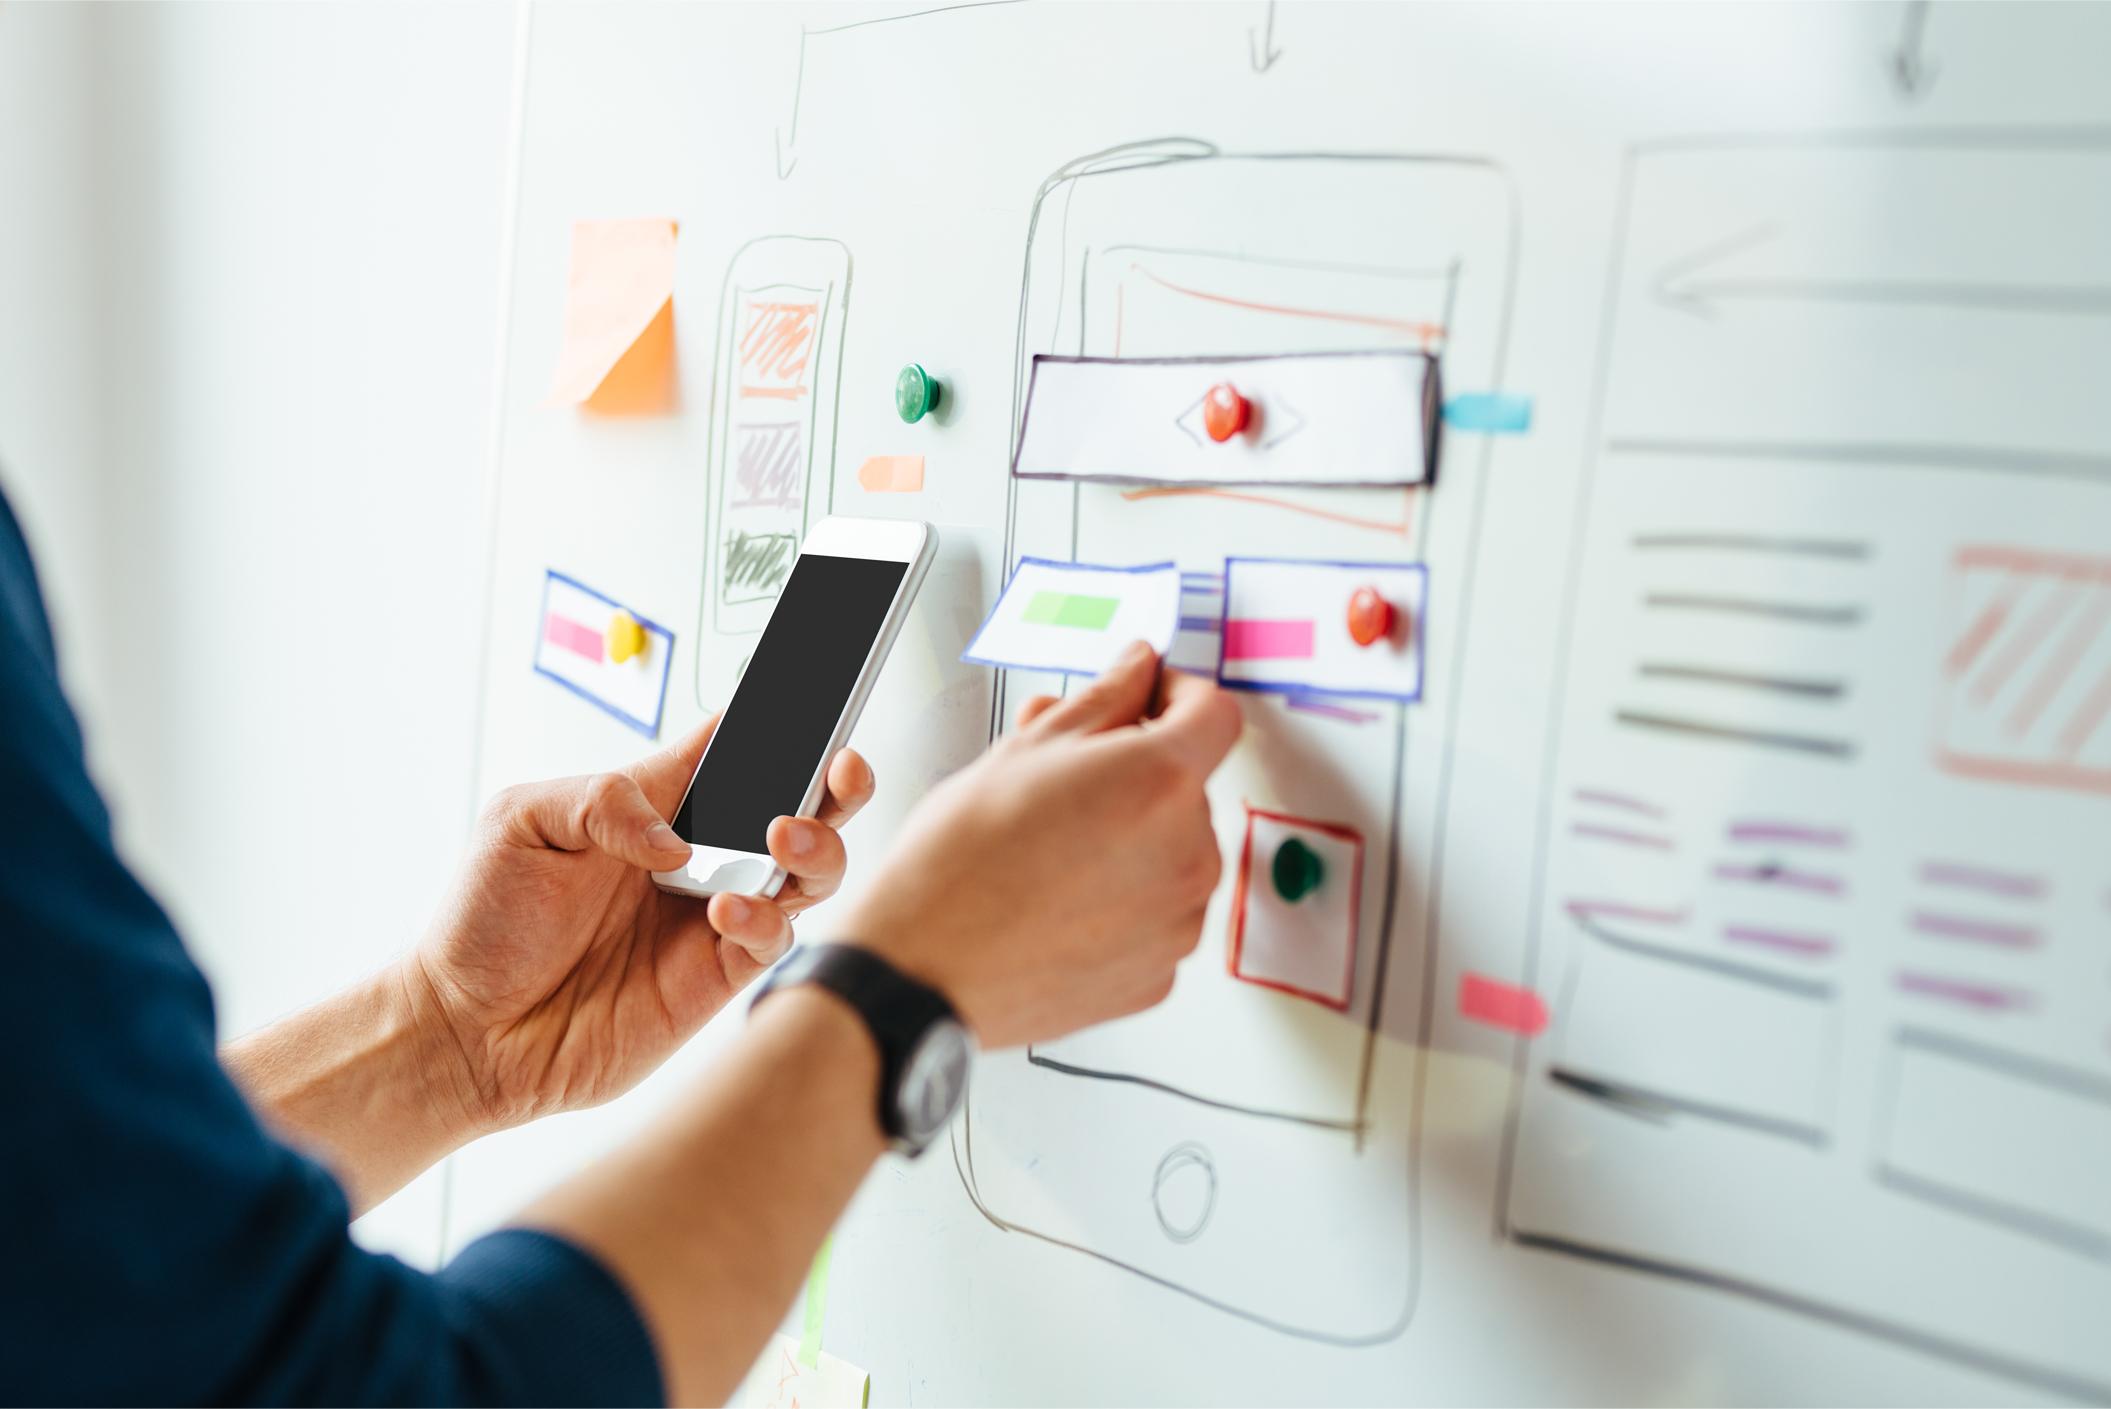 アプリ制作の流れを把握して業務理解に役立てる